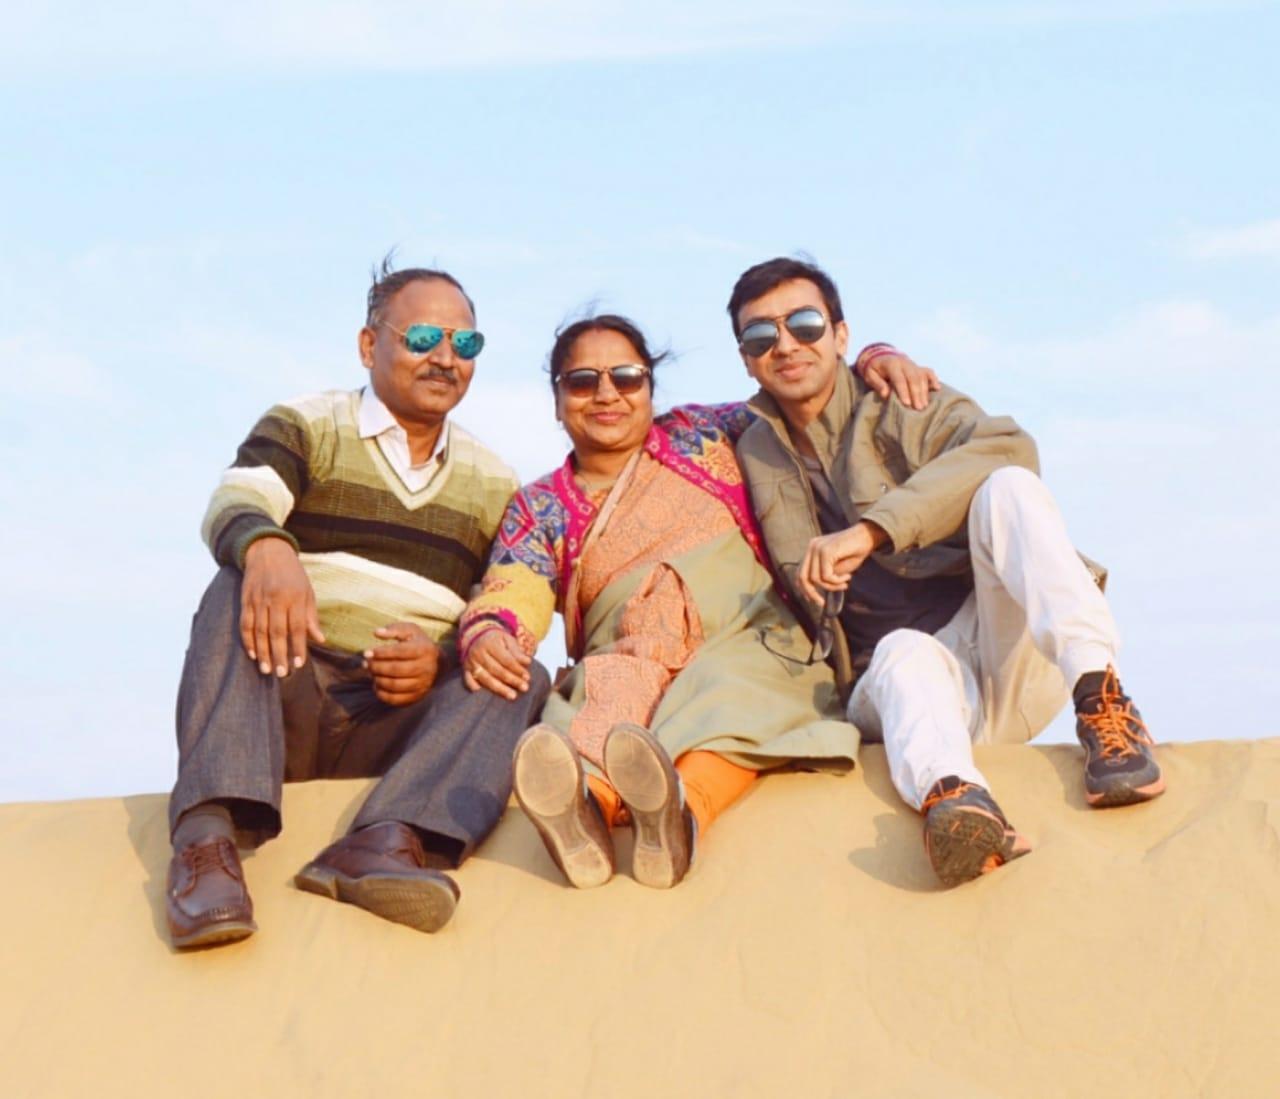 परिवार के साथ यतींद्र पोरवाल।